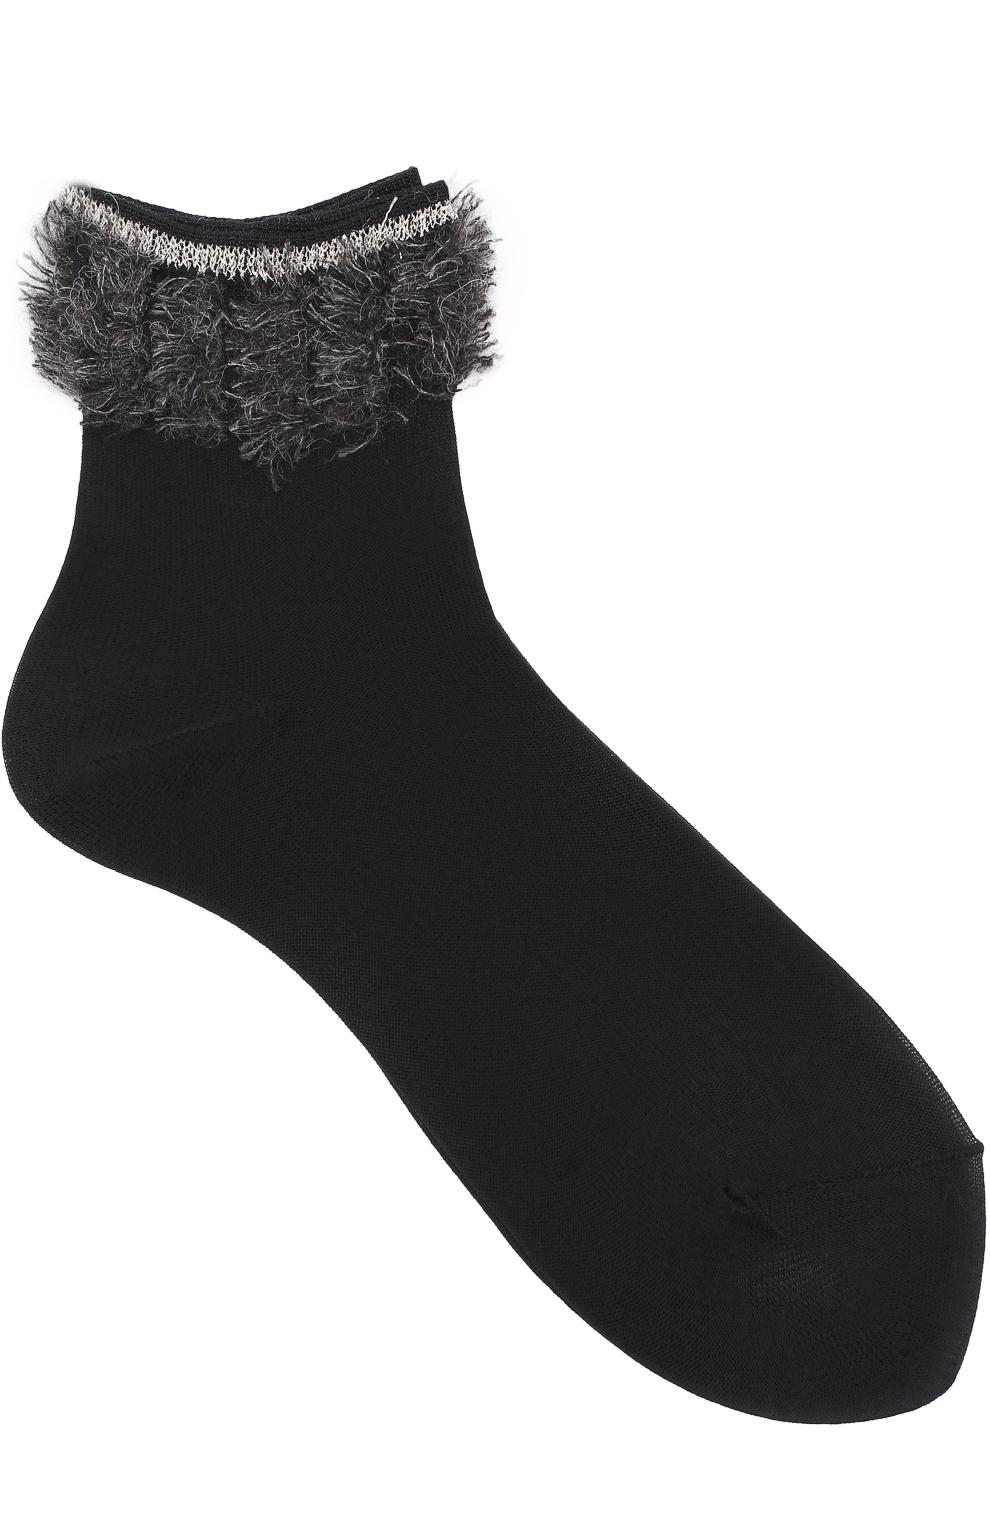 ANTIPAST Хлопковые носки с декоративной отделкой 1 895 ₽